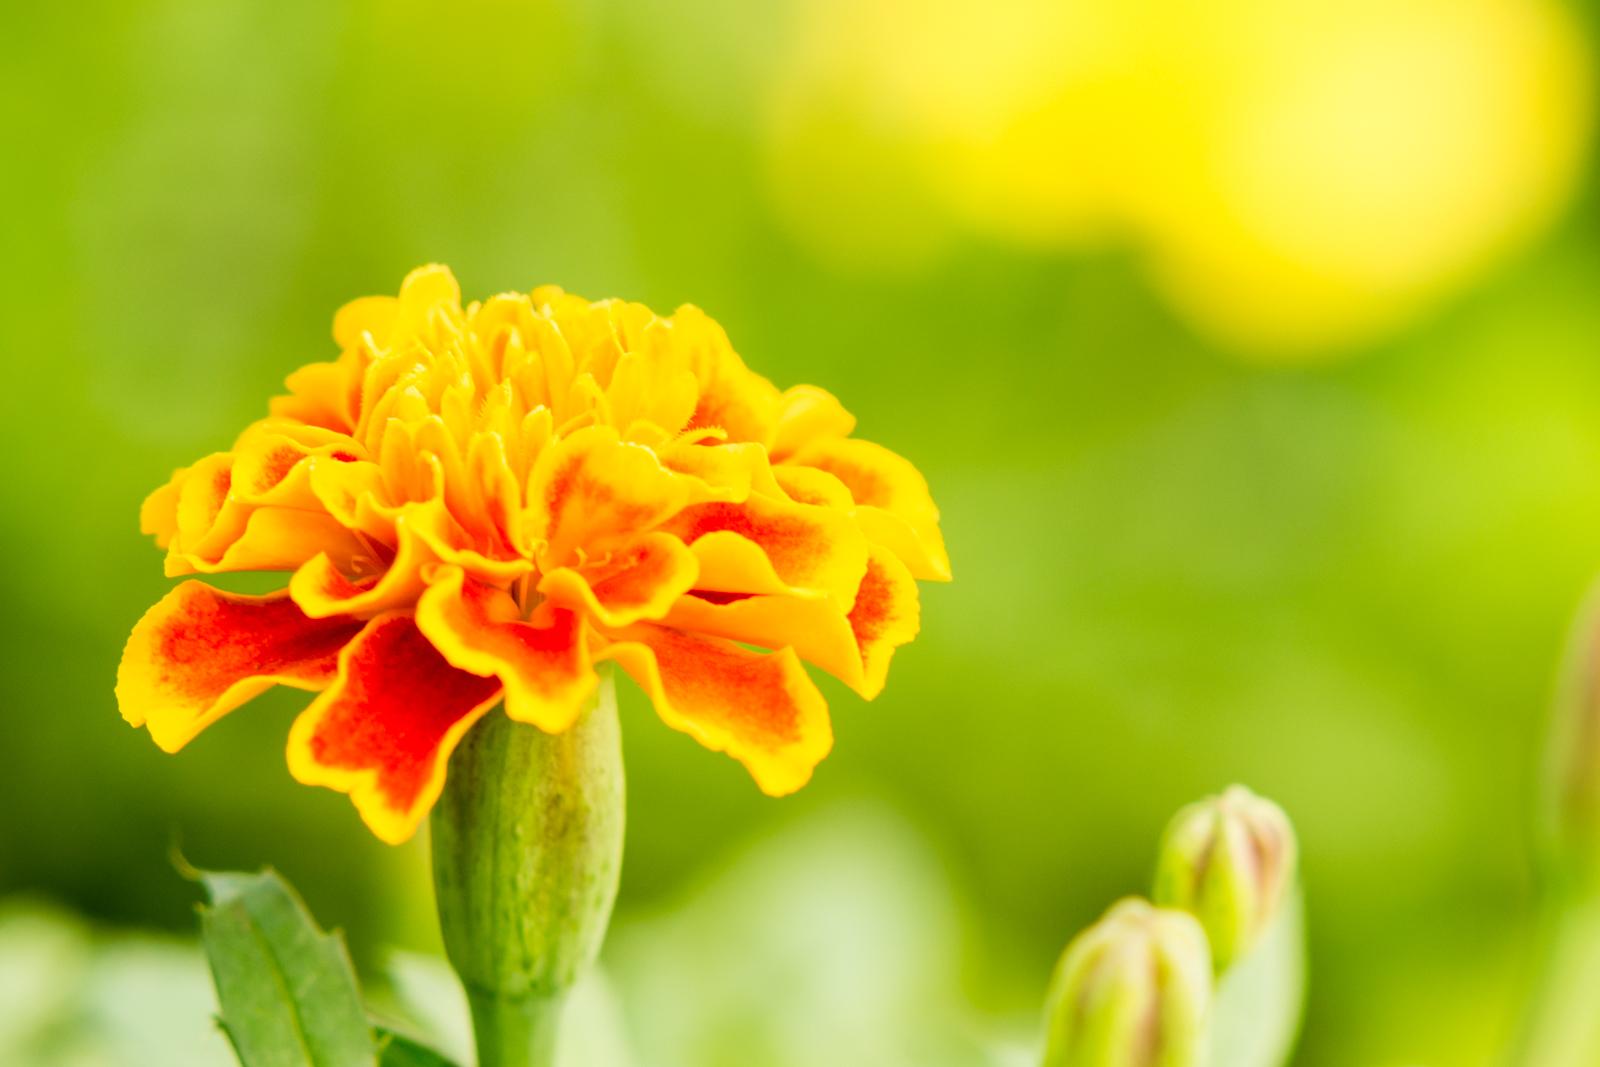 オレンジの綺麗な花の写真